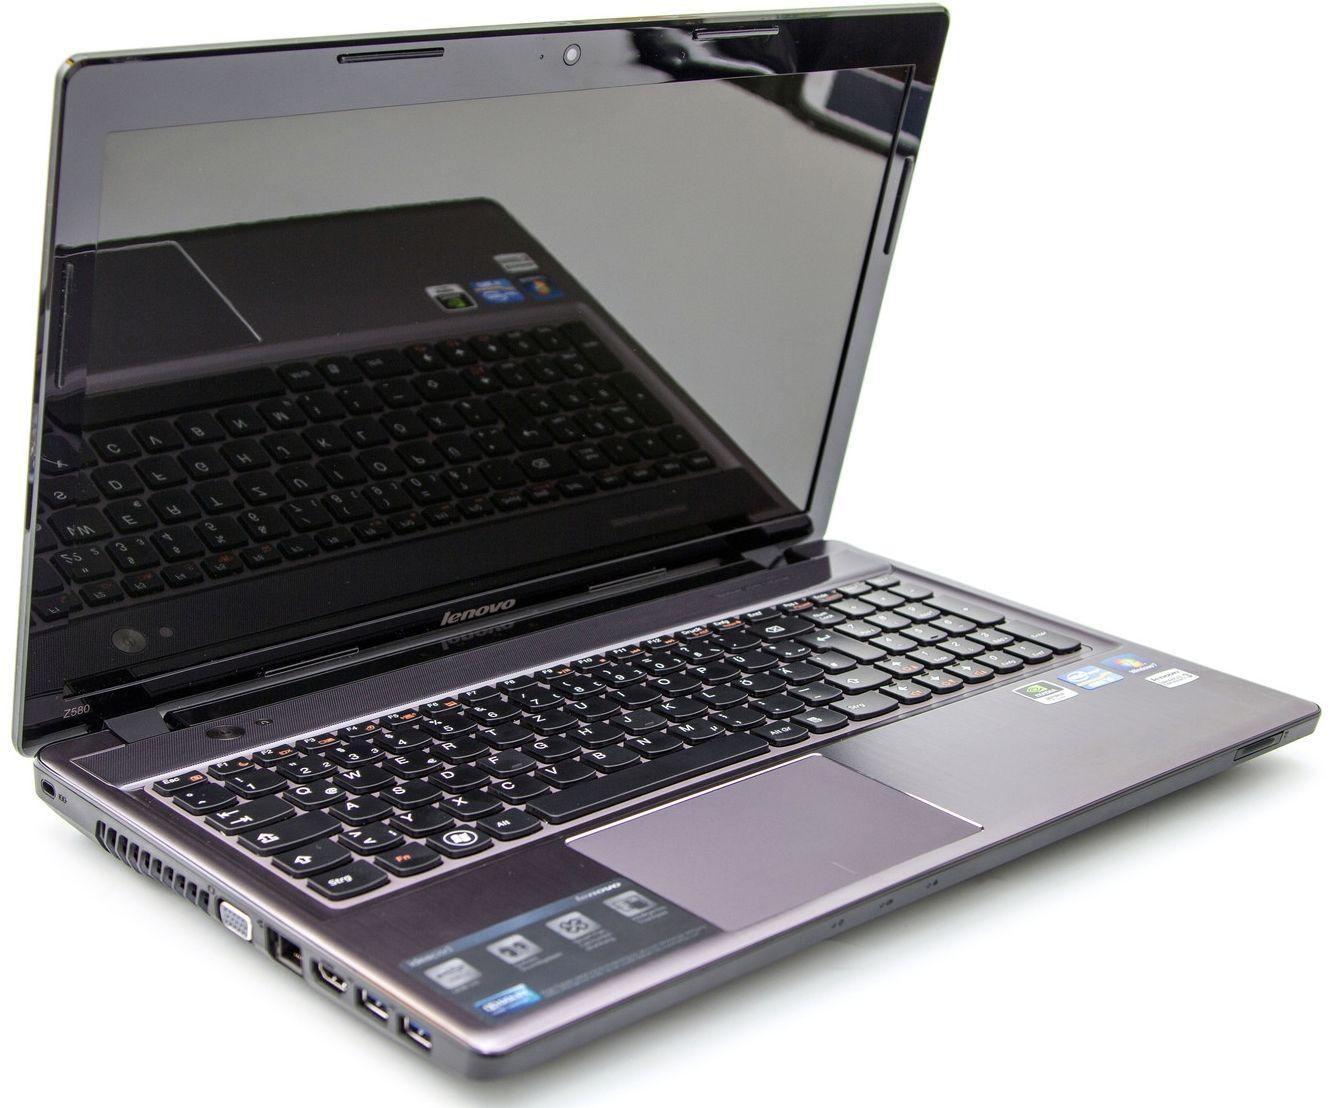 Скачать пак драйверов для ноутбука lenovo z580